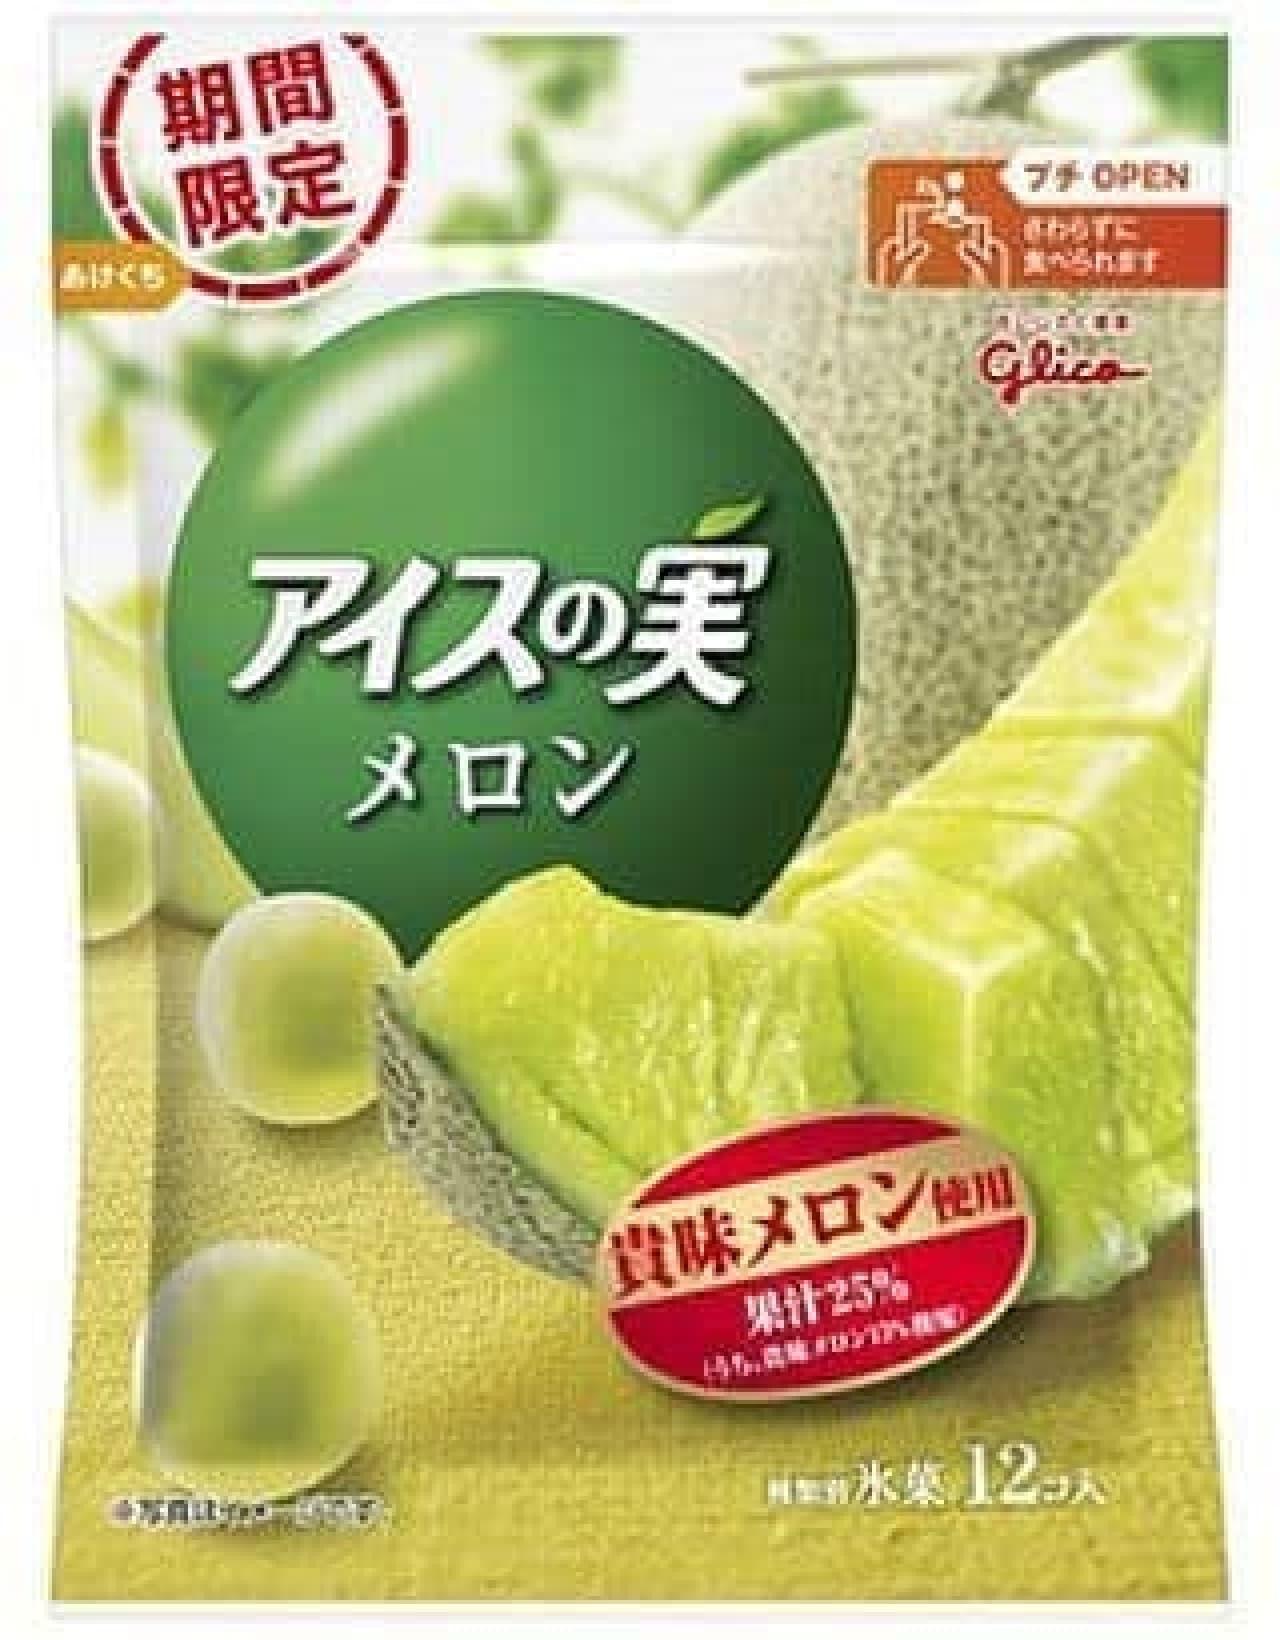 江崎グリコ「アイスの実<メロン>」